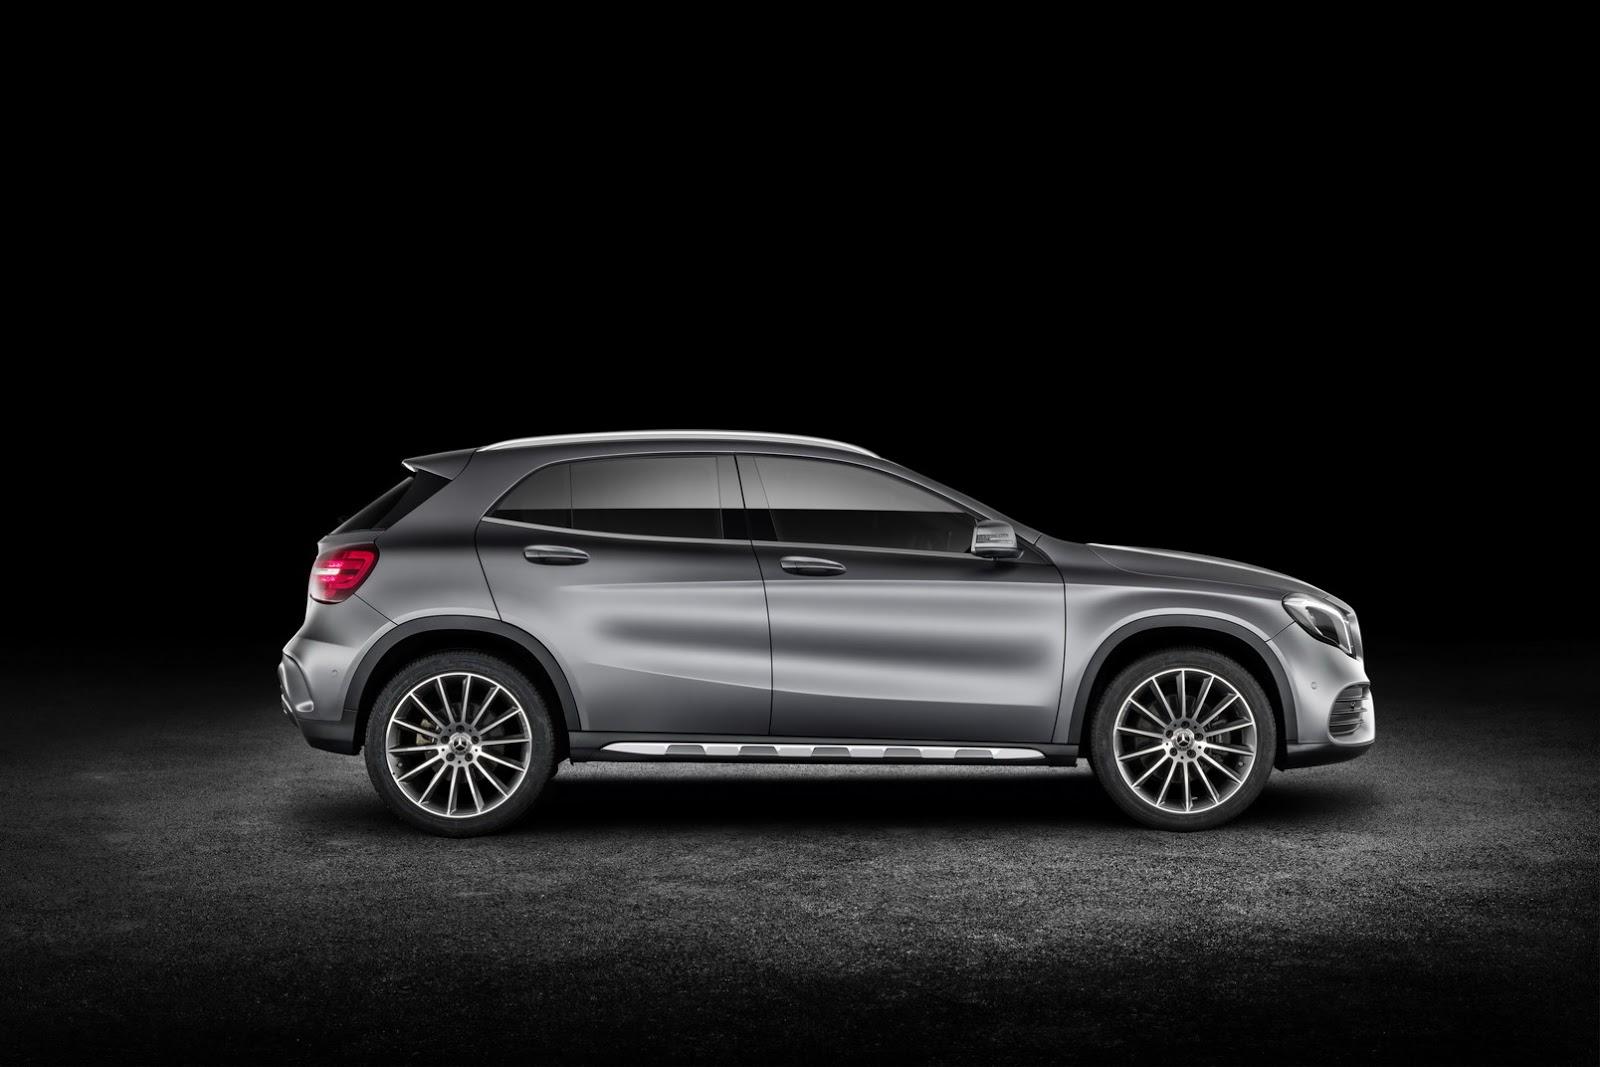 Mercedes GLA facelift and GLA 45 AMG facelift 2017 (59)